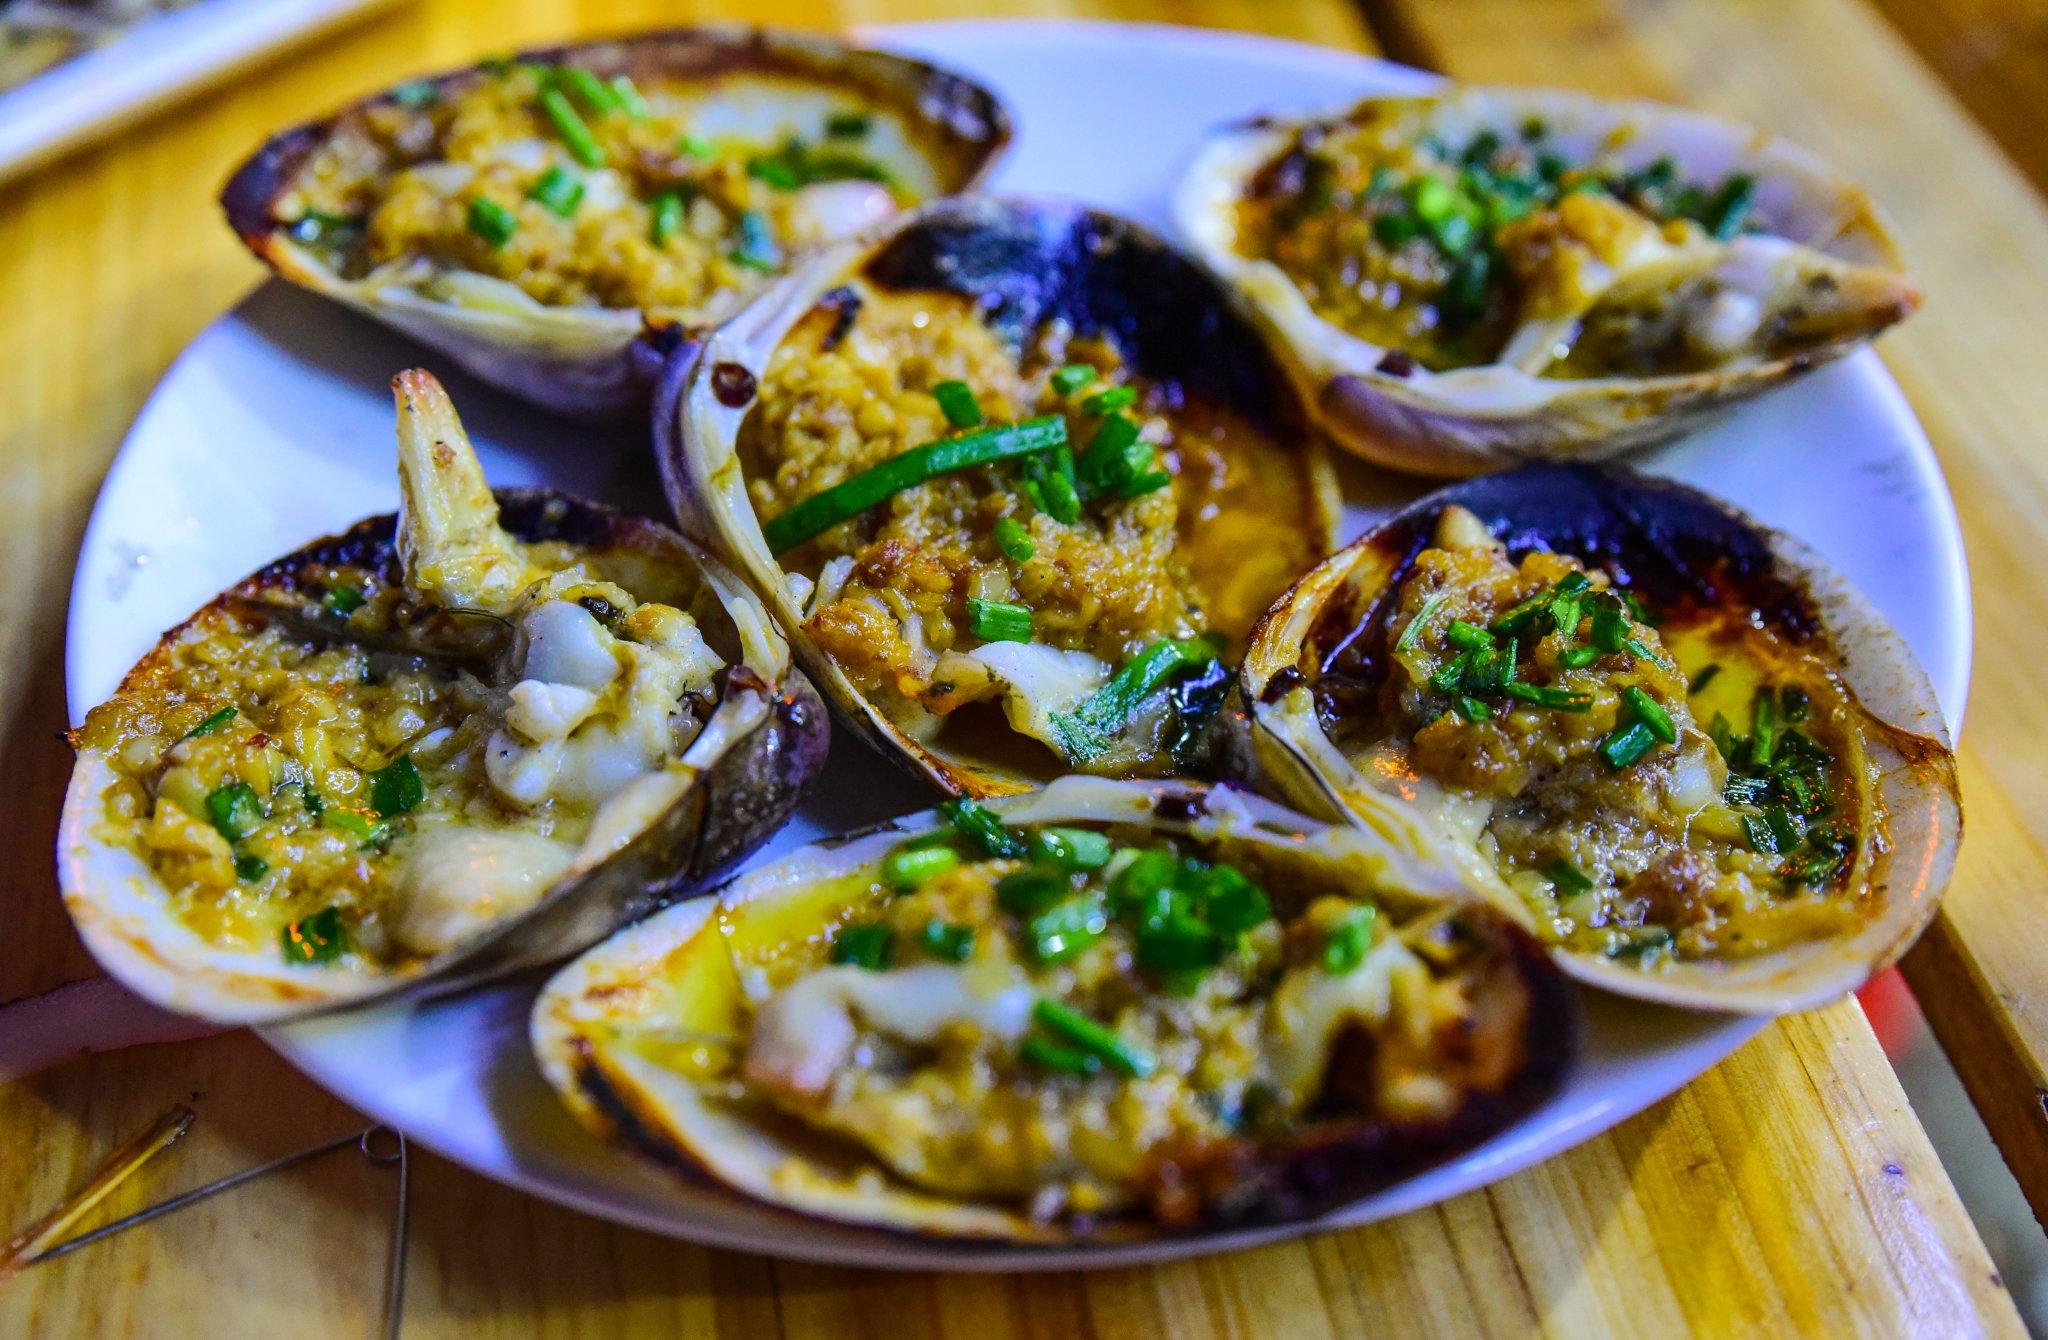 2018明翠炒螺店美食餐厅,美食商城极具越南特一家人民广场地下这是图片